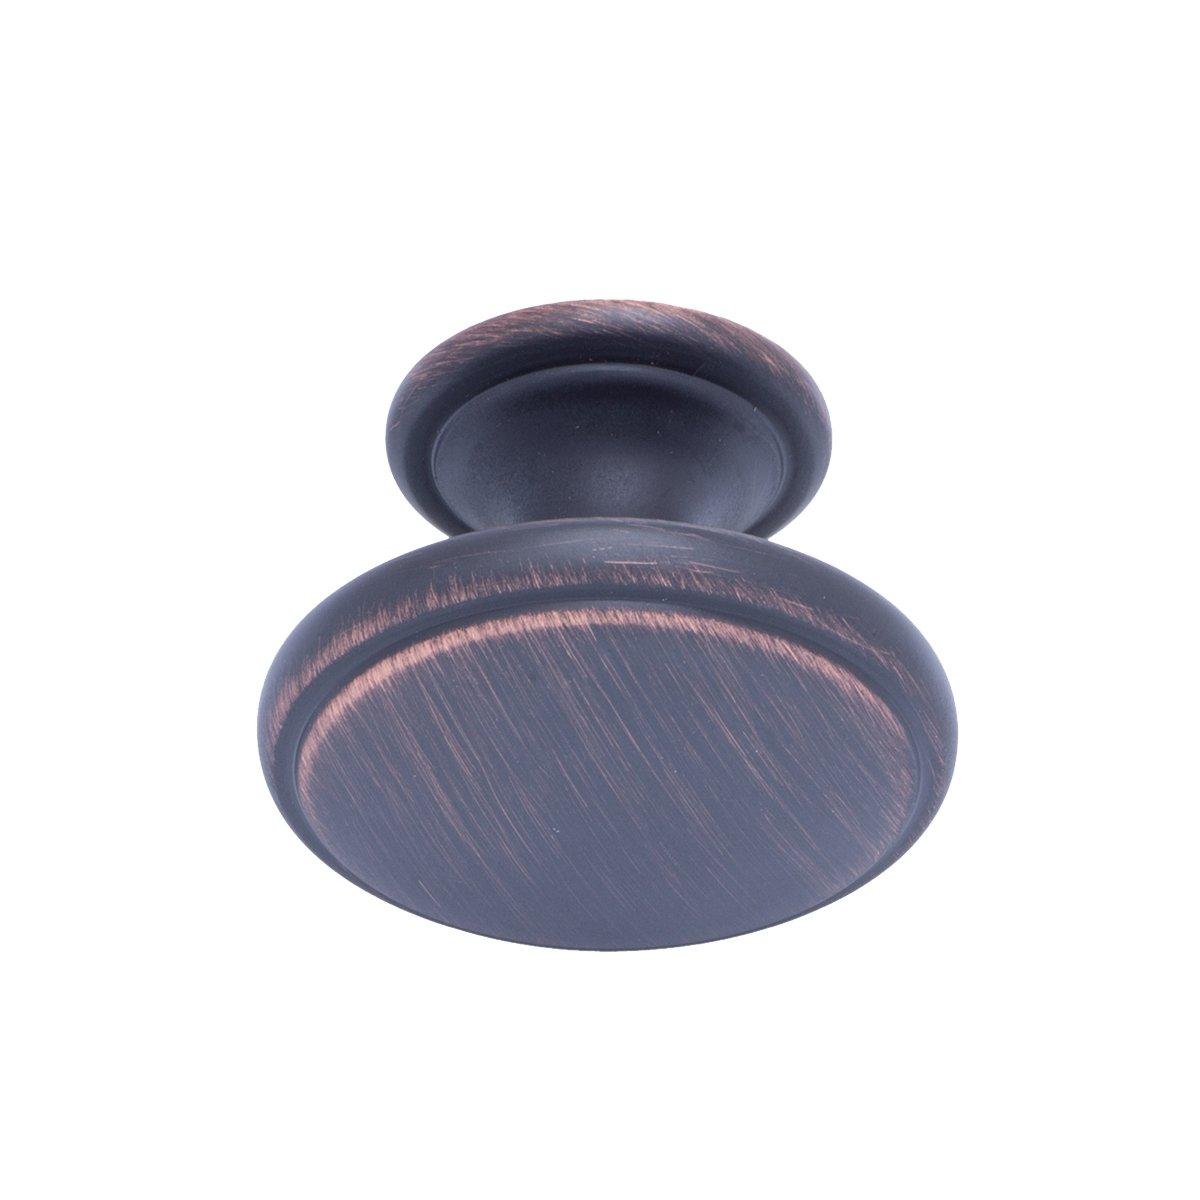 Satinierter Nickel Schubladenknopf modern Basics M/öbelgriff Durchmesser: 3,85 cm 25er-Pack mit gro/ßer runder Platte oben